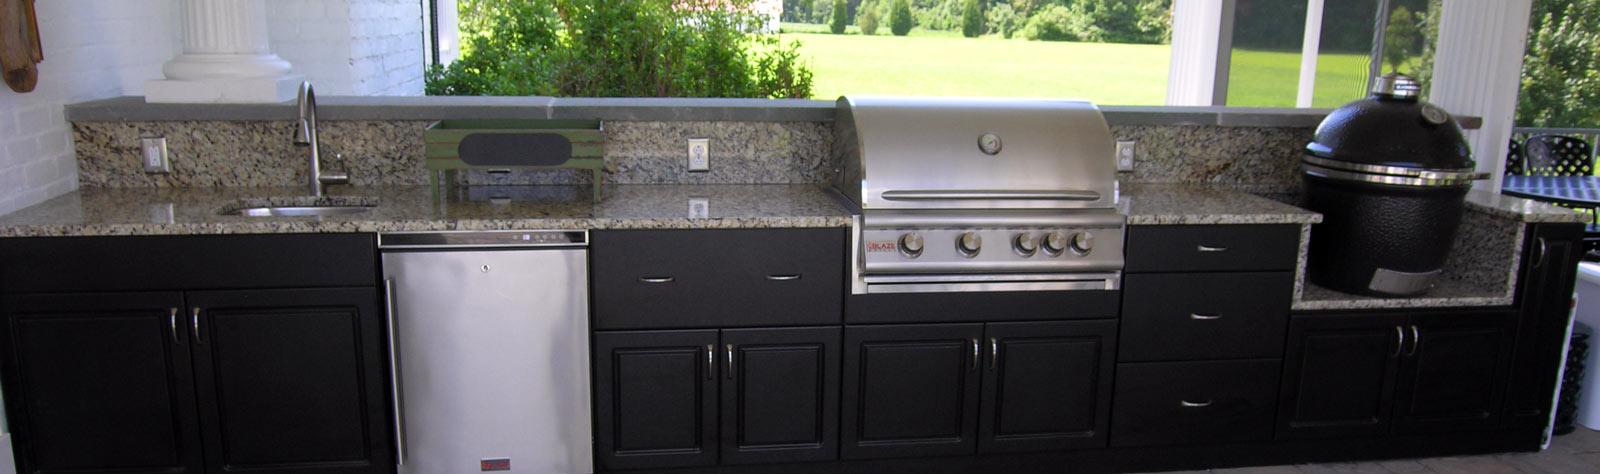 Outdoor Kitchen Creations | Richmond, VA   Your Complete Outdoor Kitchen  Destination